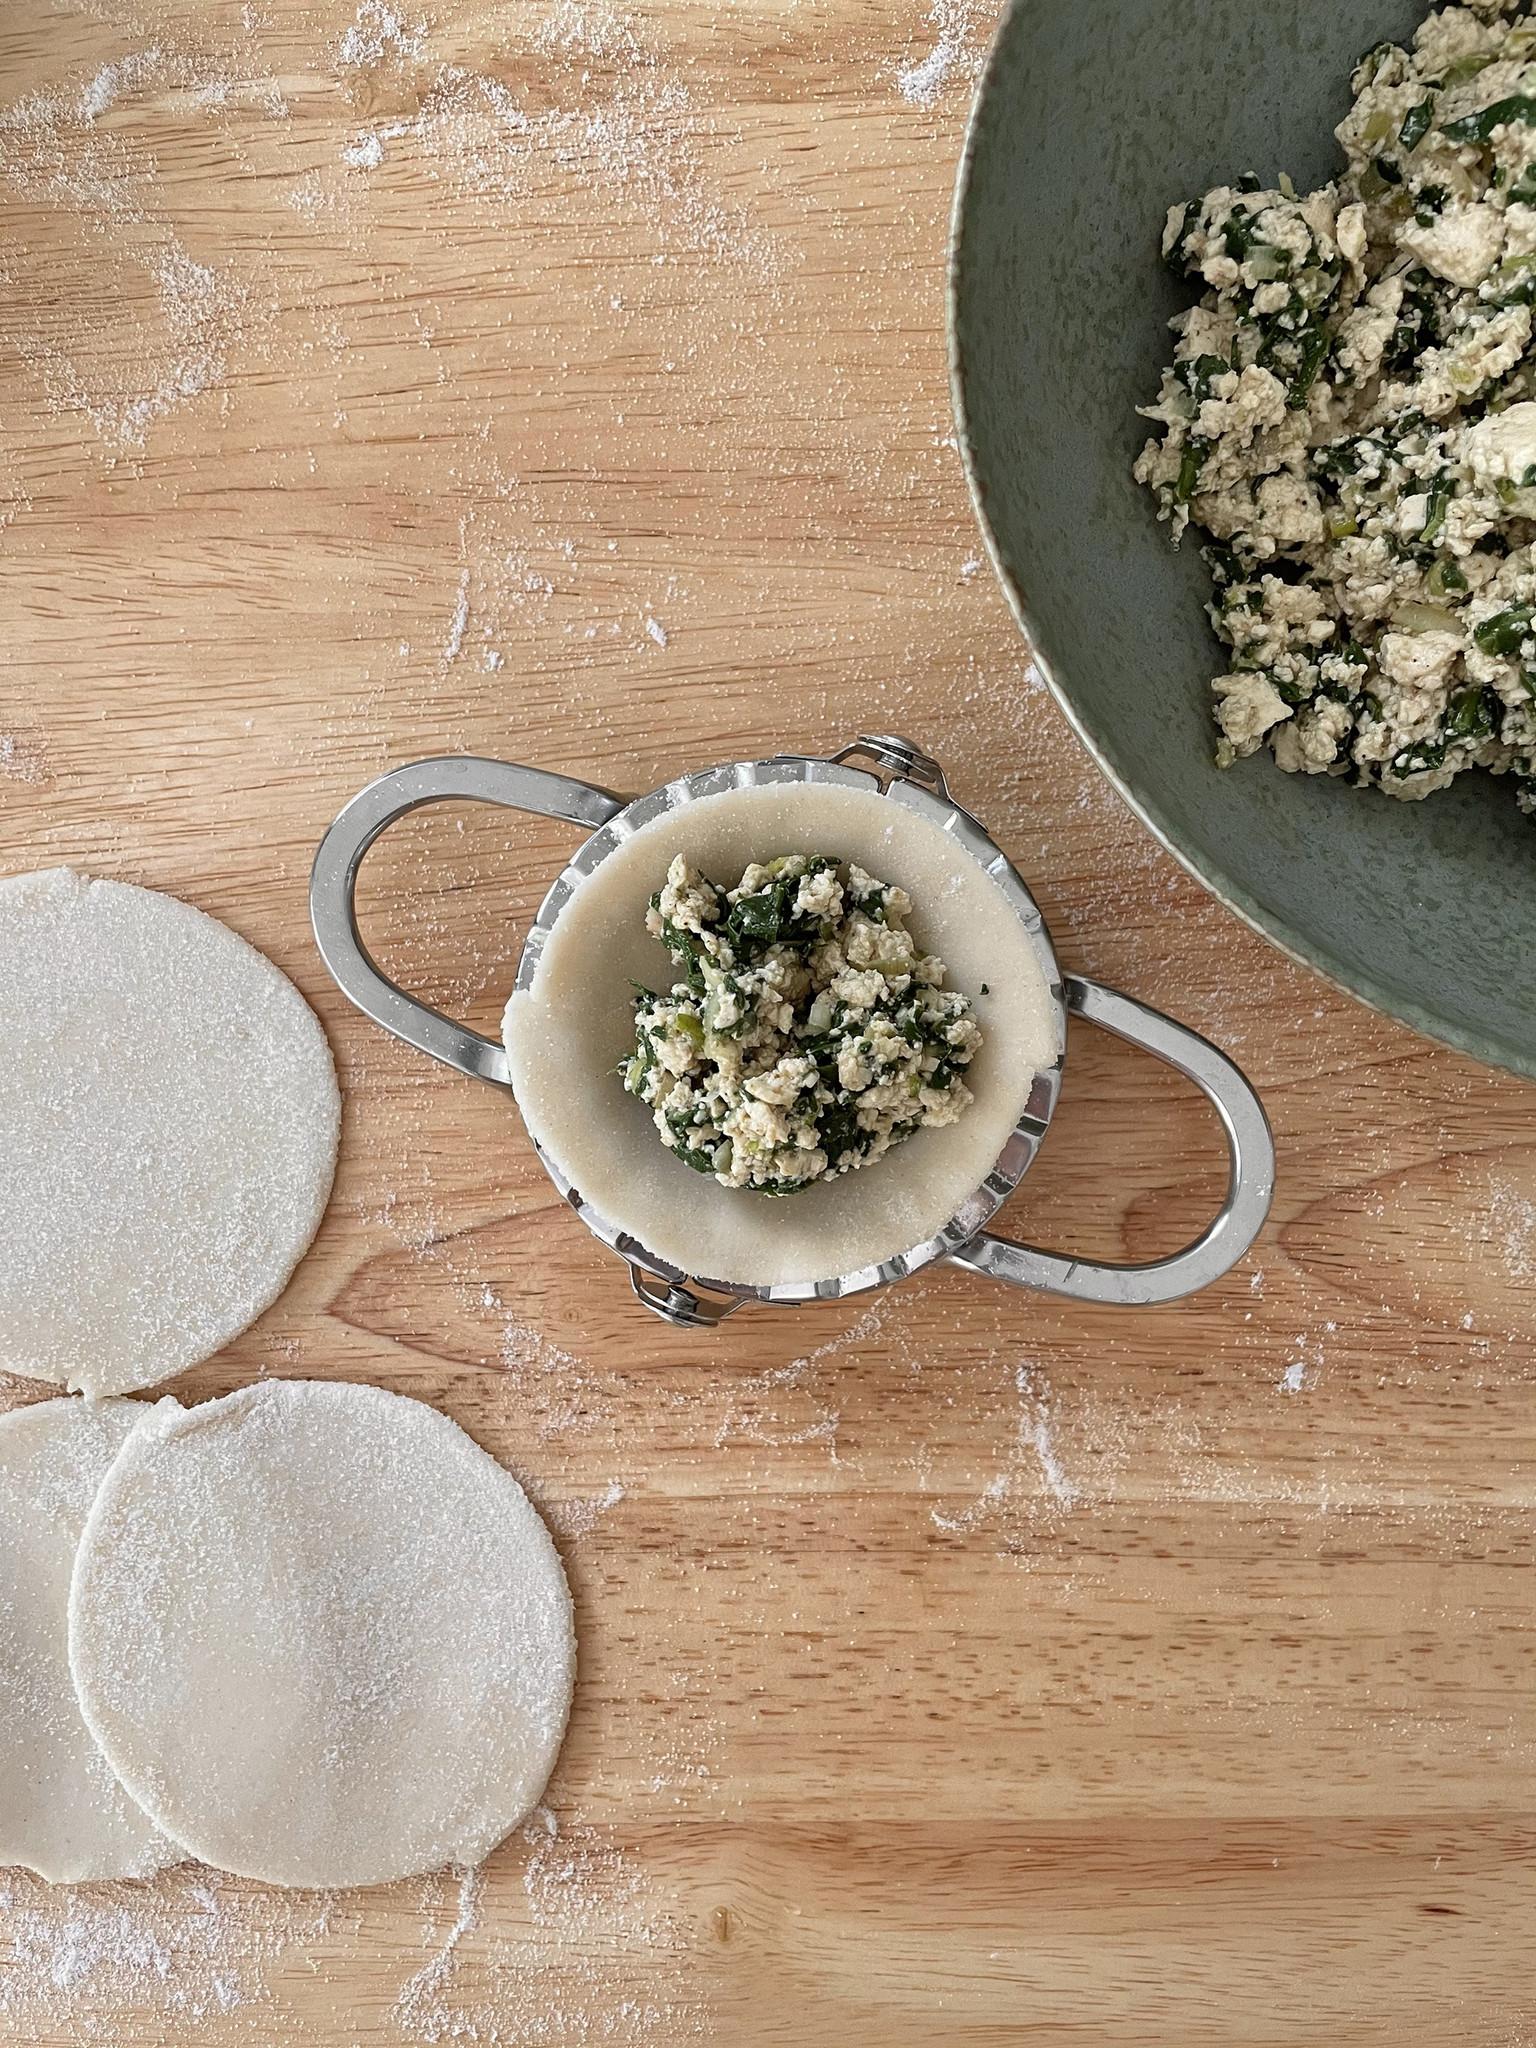 Nordic Ware Stainless Dumpling Maker-3